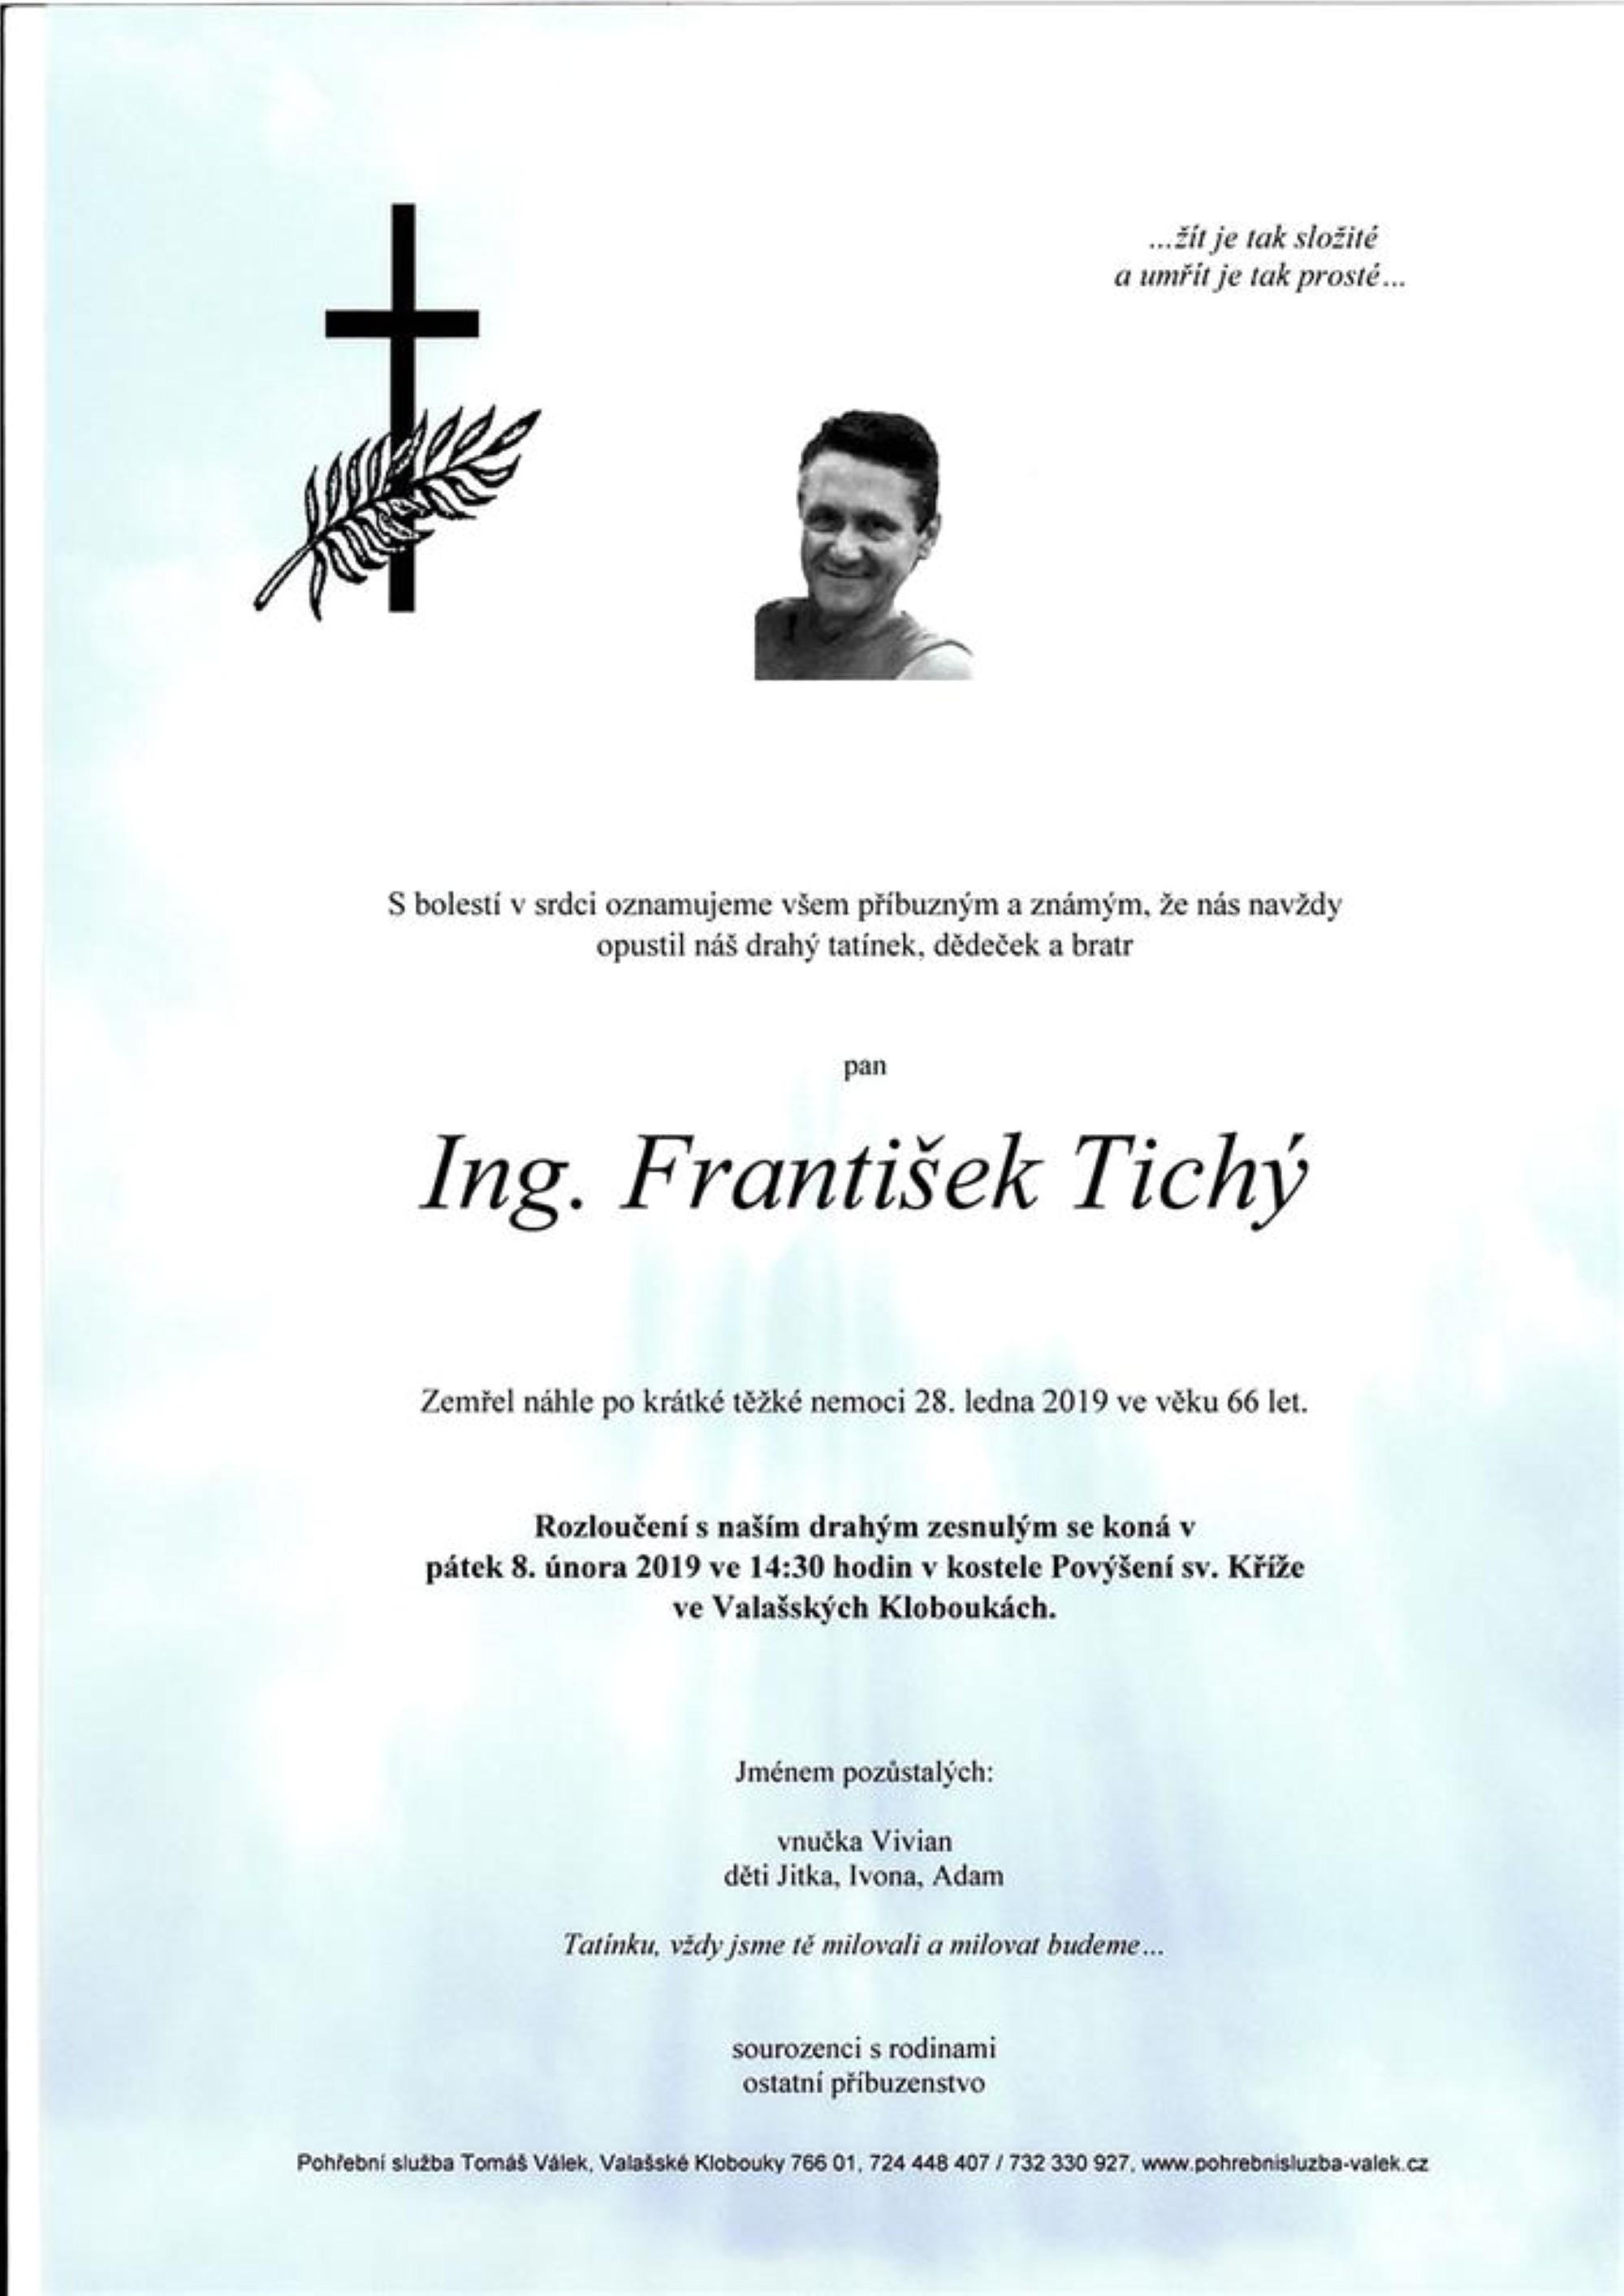 Ing. František Tichý